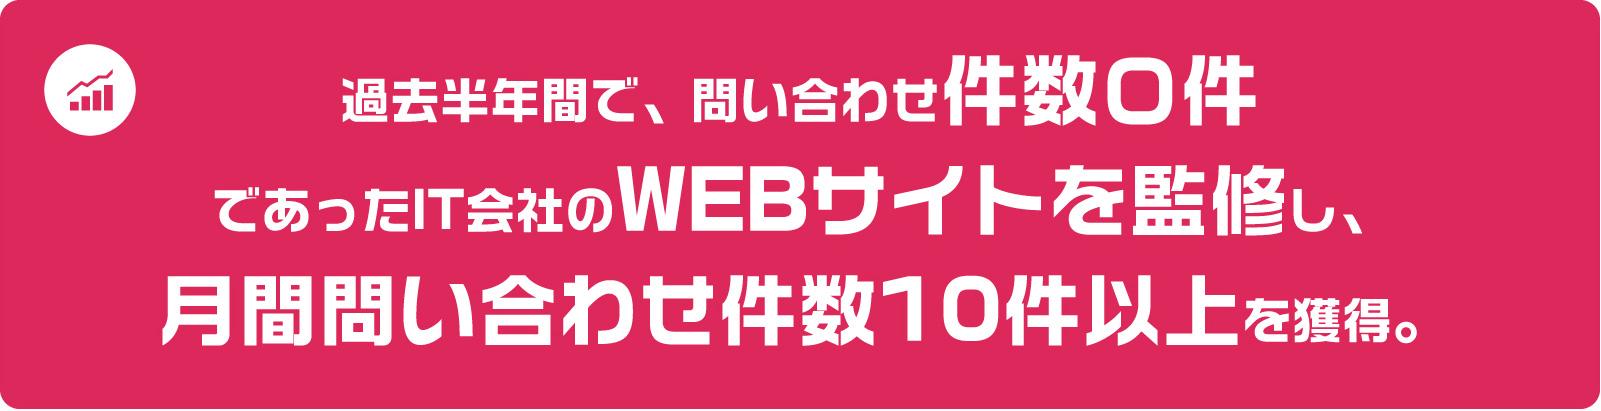 過去半年間で、問い合わせ件数0件であったWEBサイトを監修し、月間問合せ件数10件以上を獲得